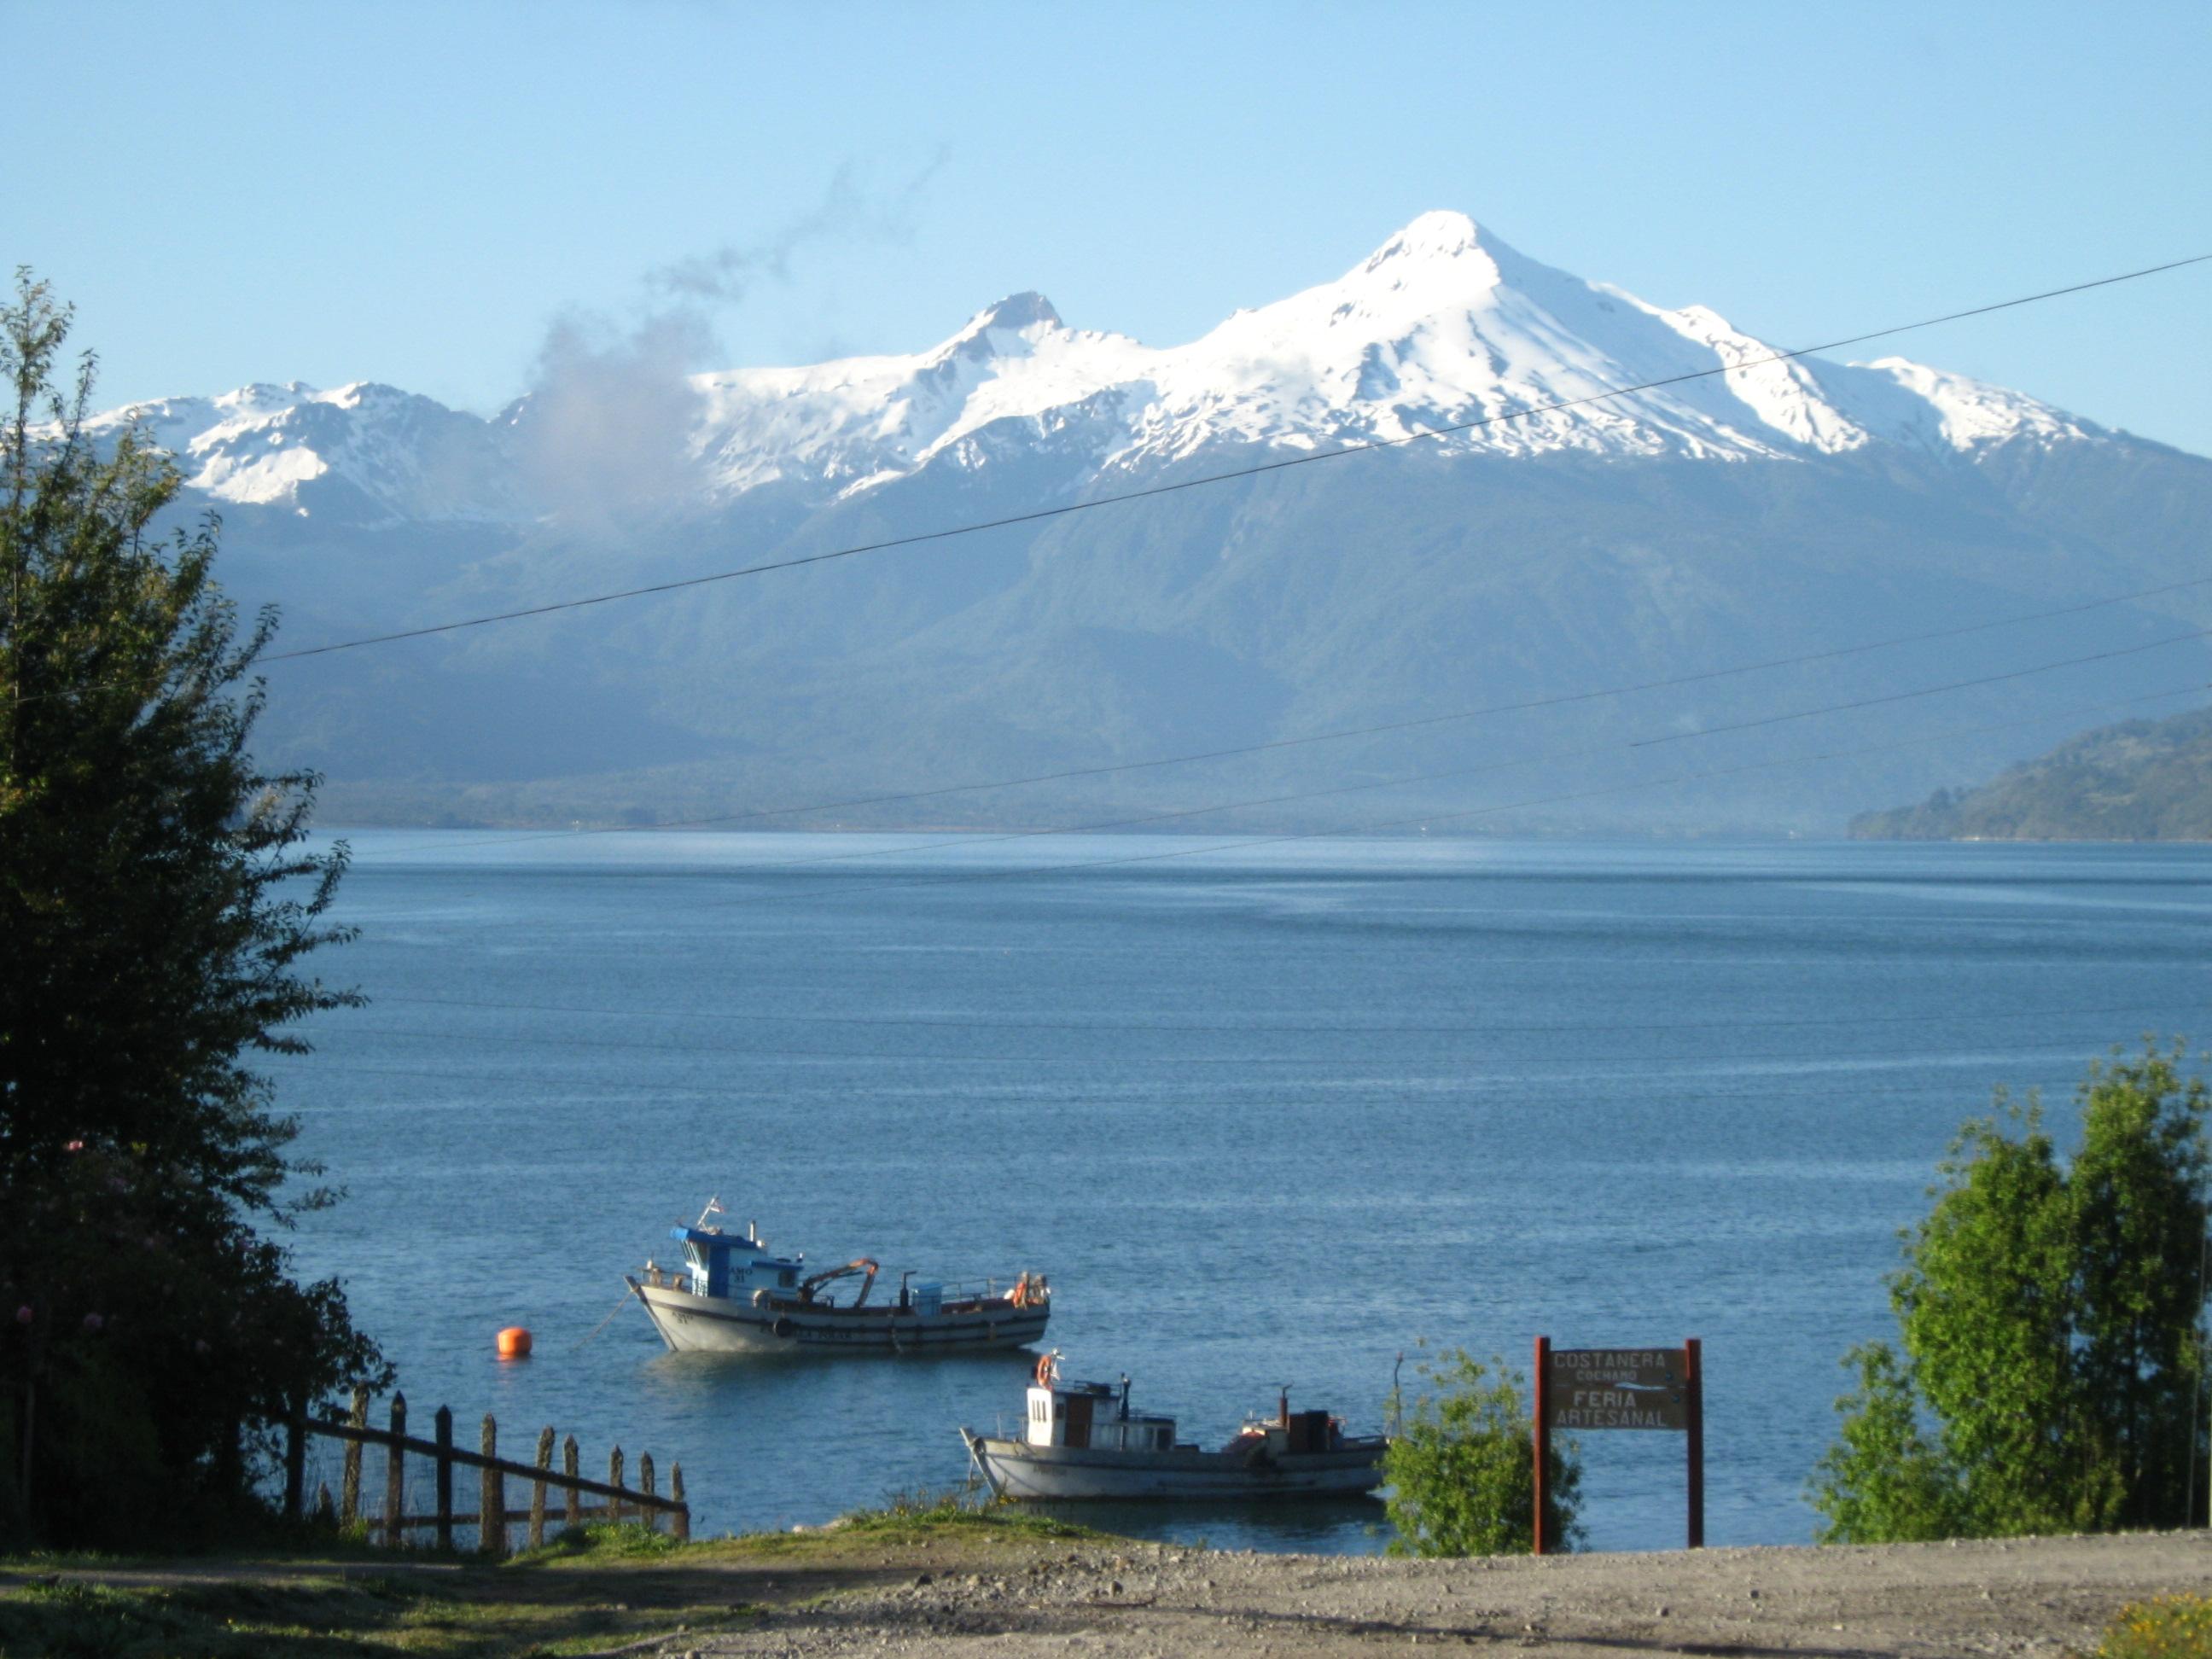 Kayak Outdoor Tourism Patagonia Chile